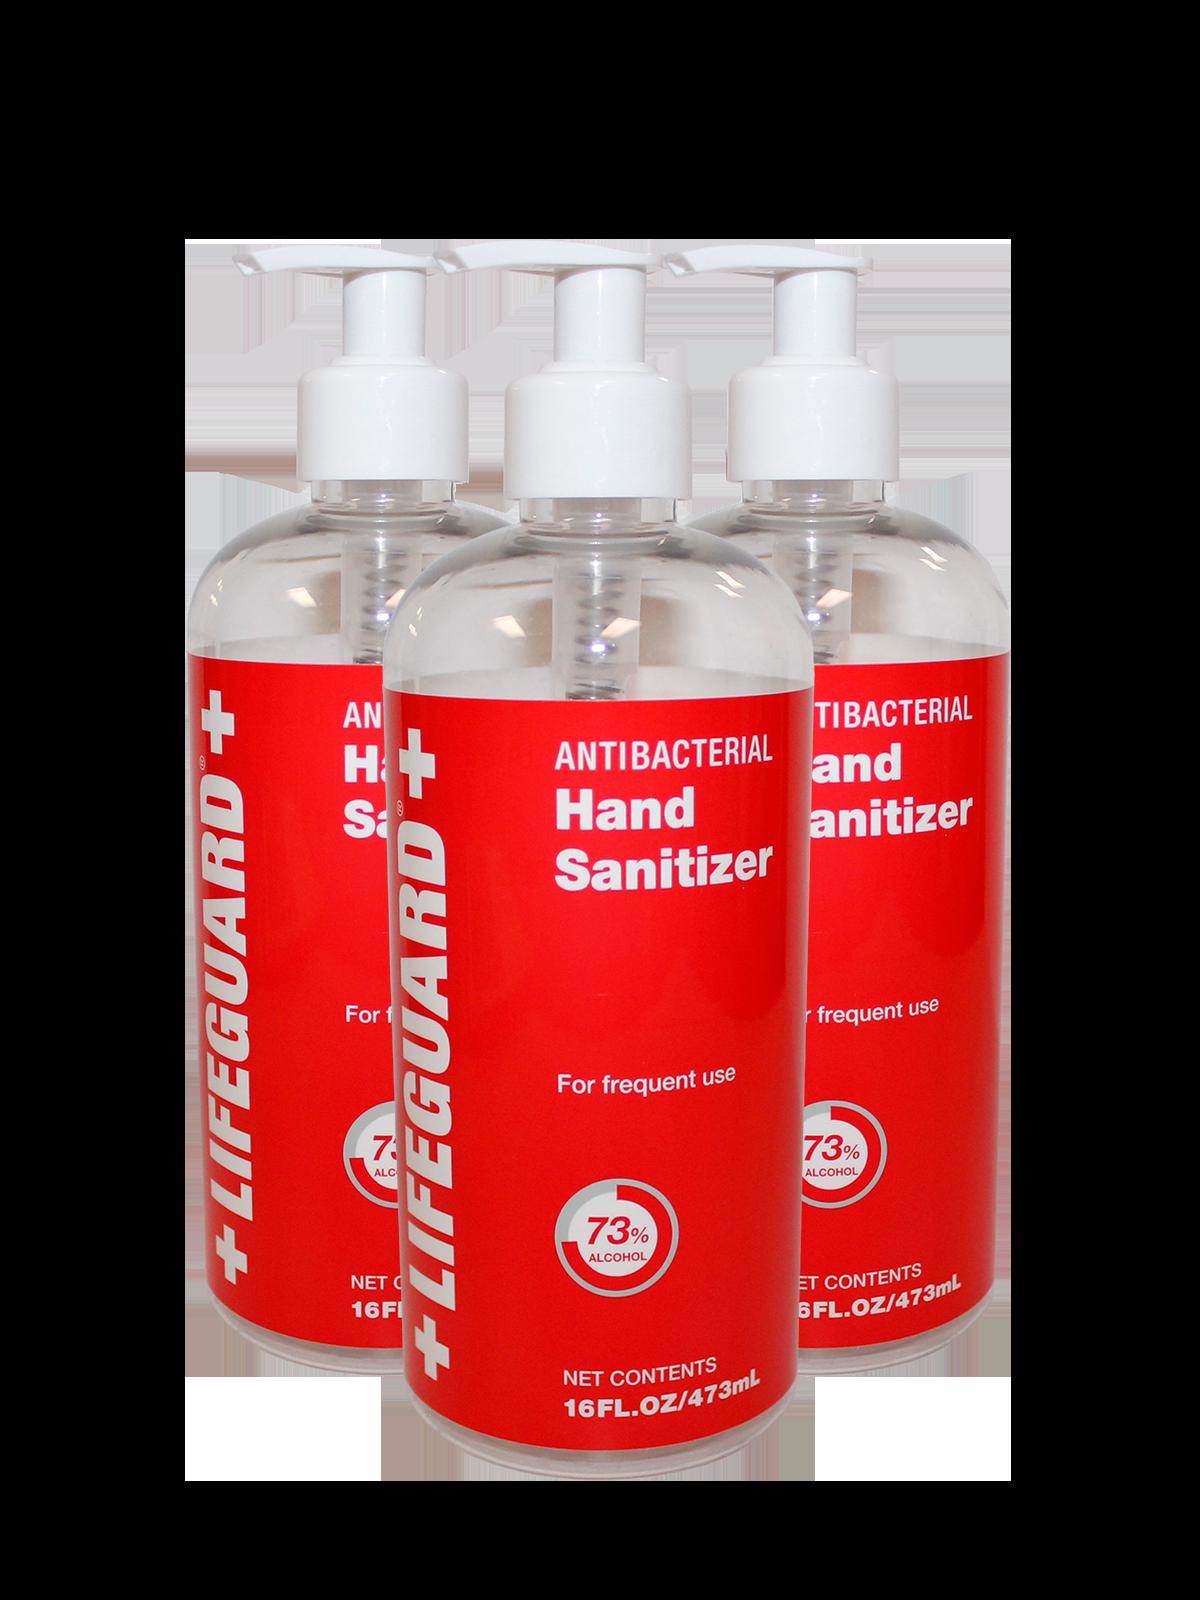 Hand Sanitizer 16 oz. - 24 bottles per case